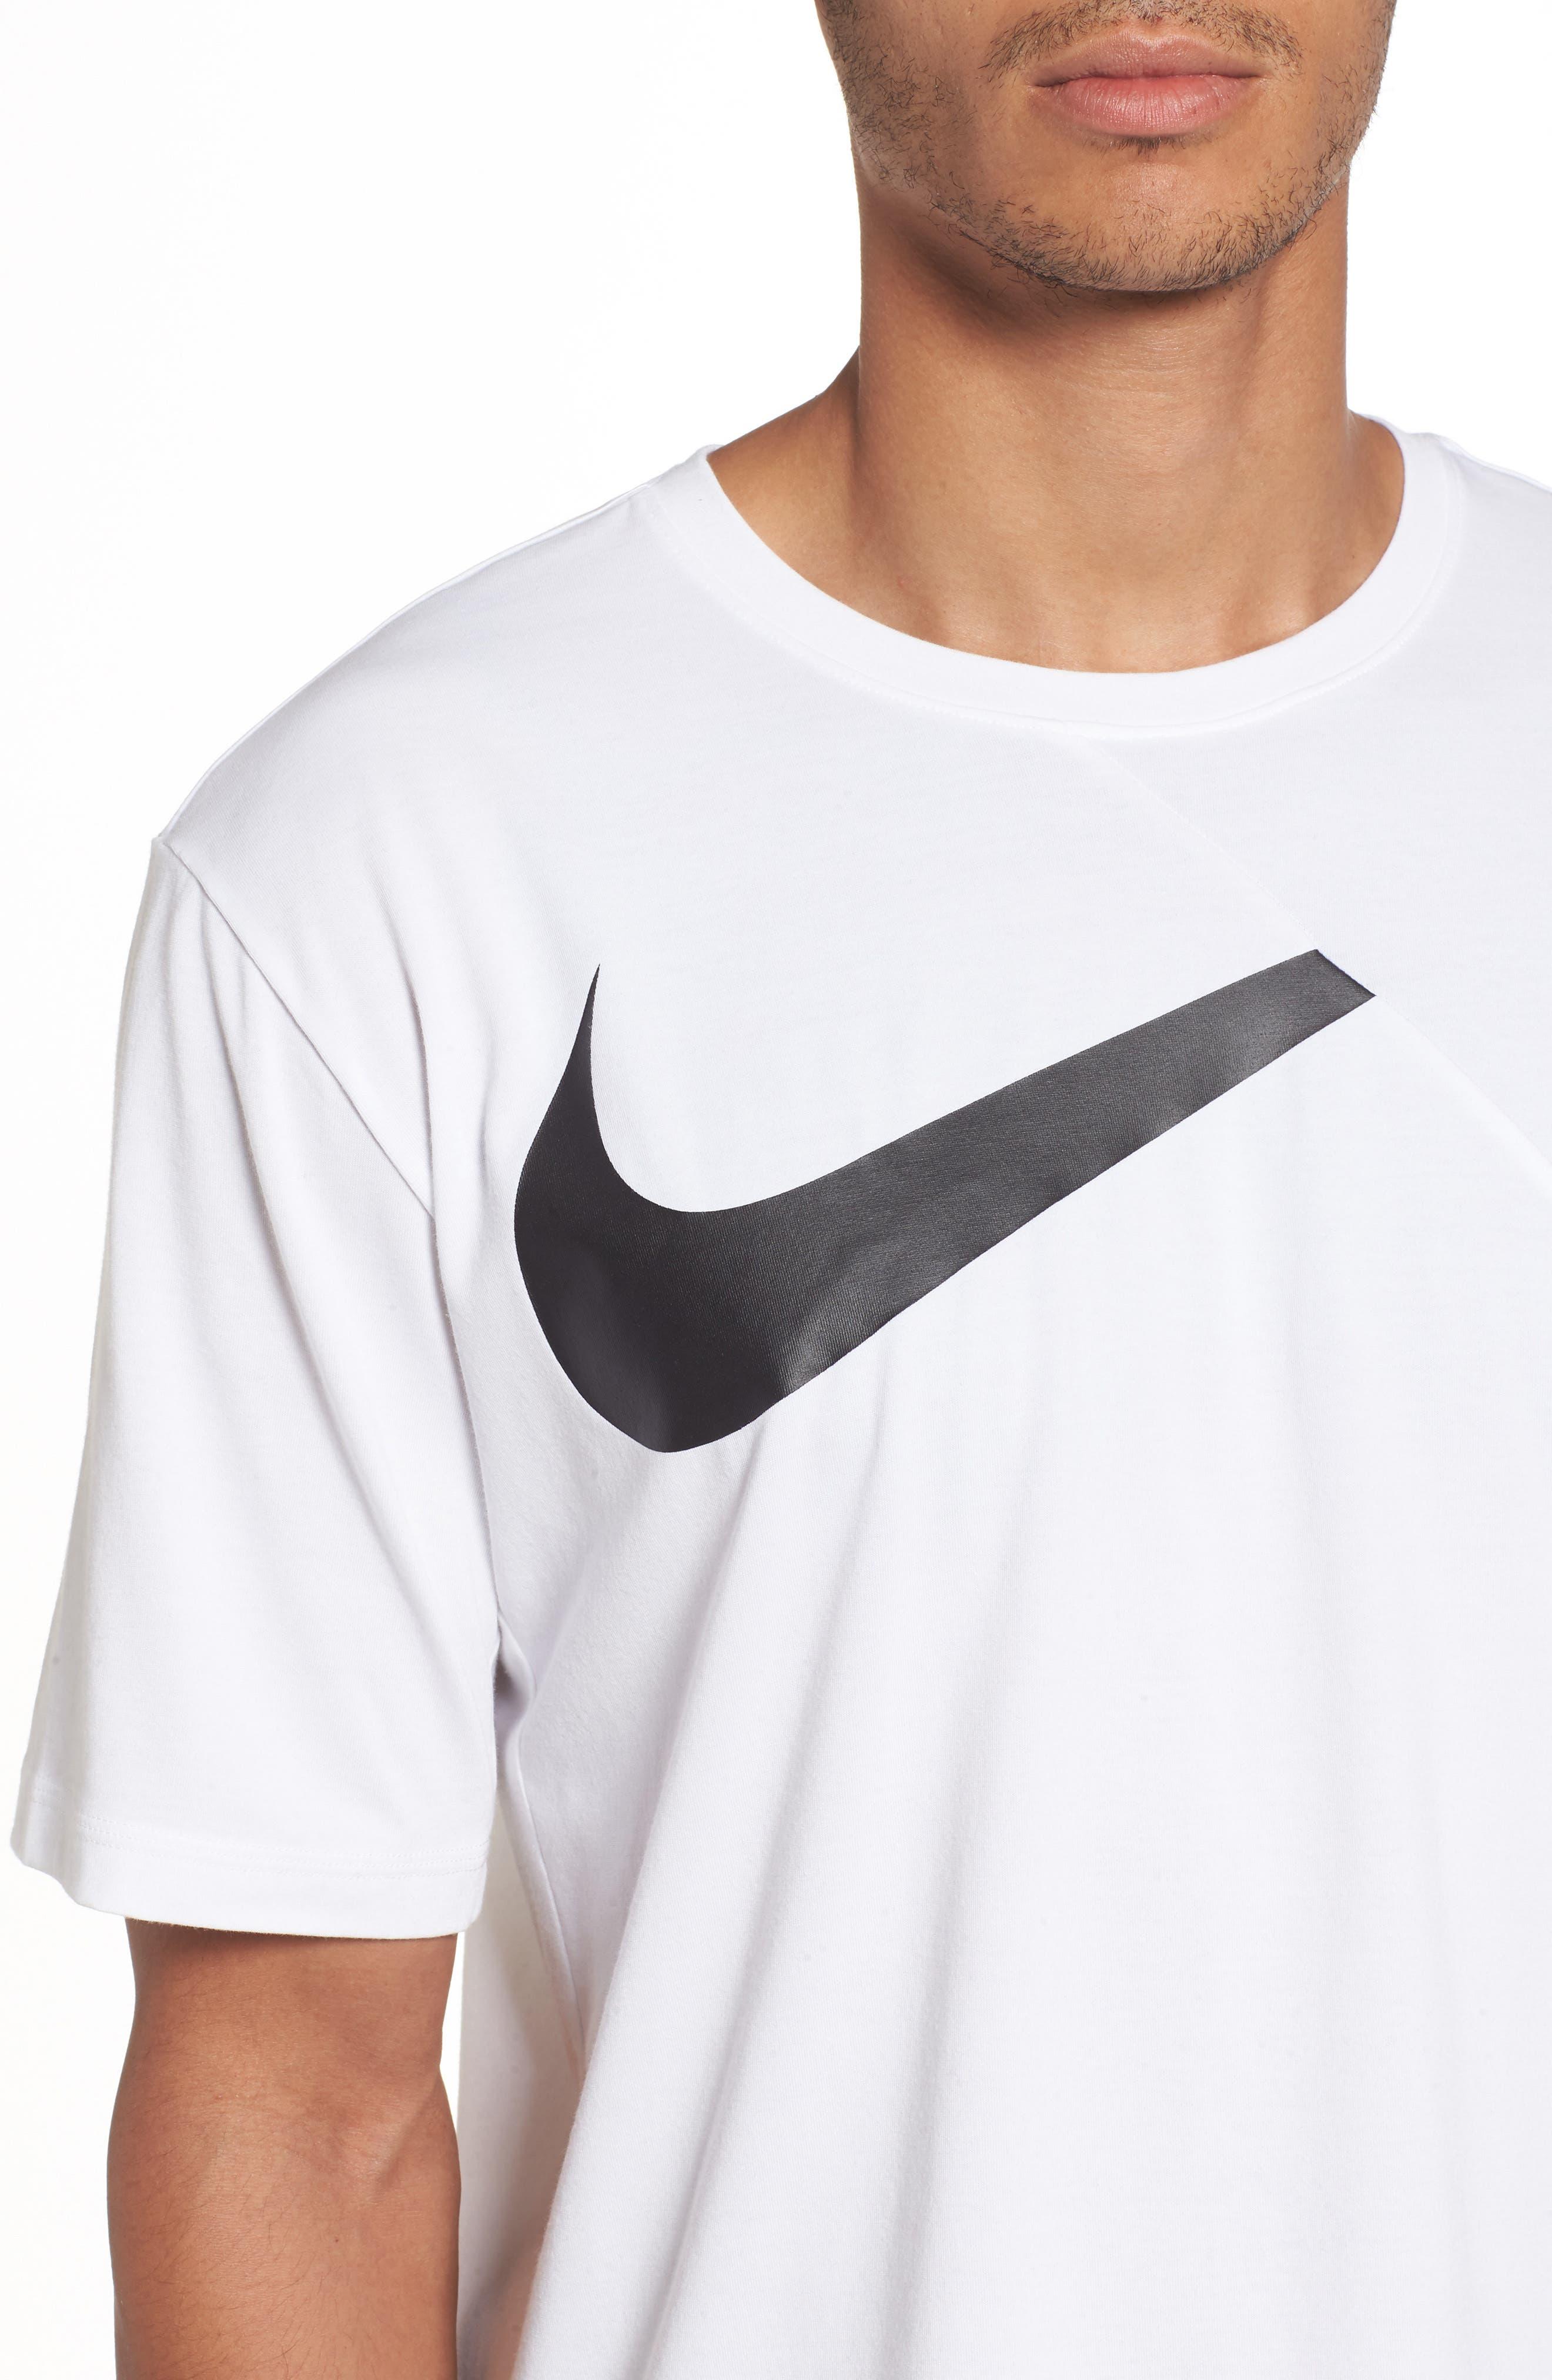 NIKE,                             Dry Performance T-Shirt,                             Alternate thumbnail 4, color,                             WHITE/ BLACK